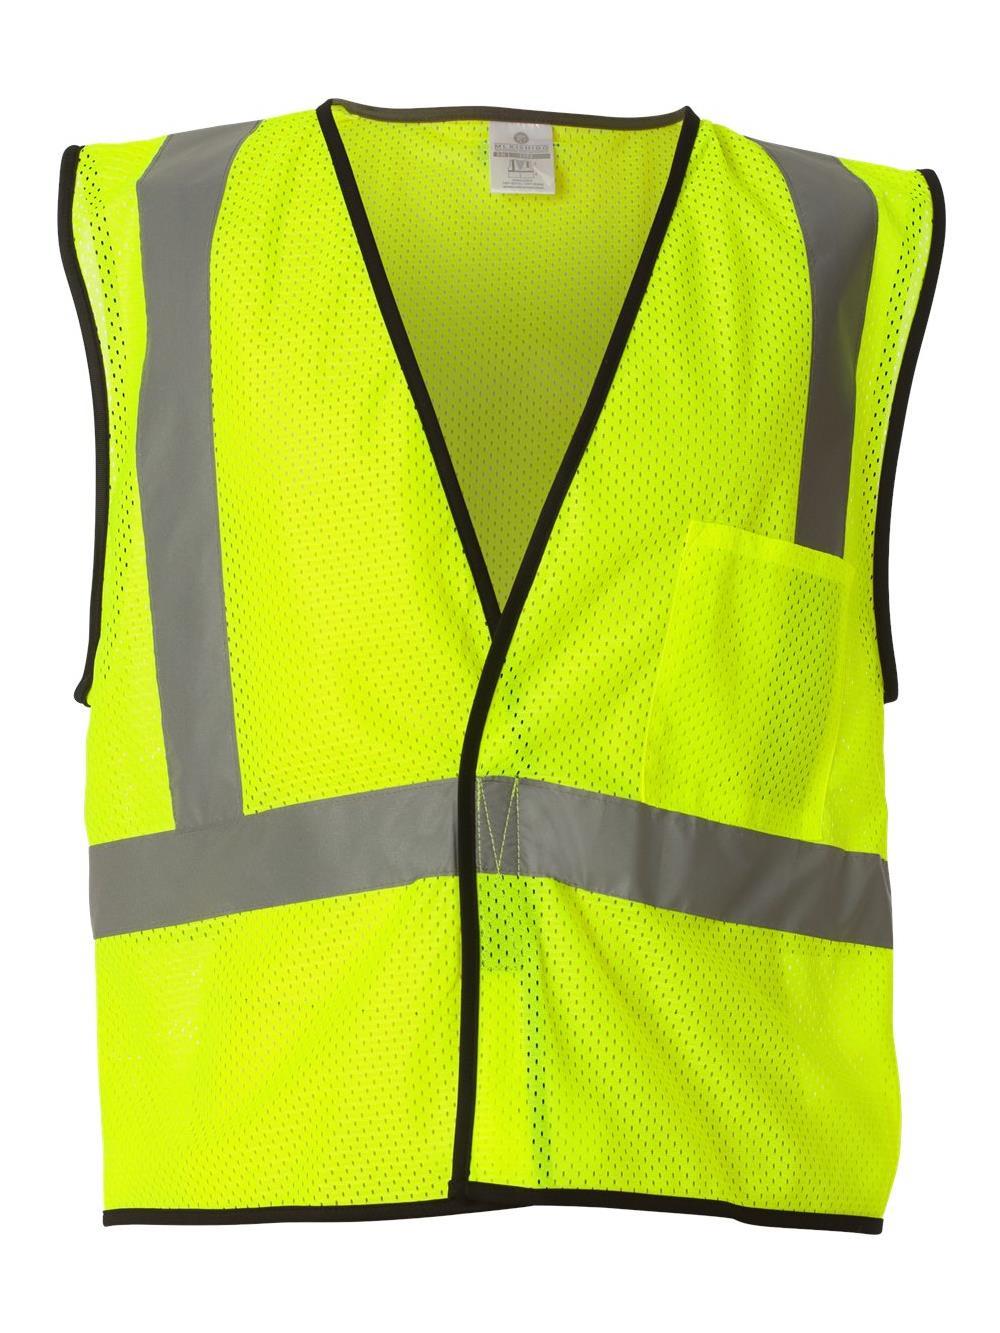 ML Kishigo Workwear Economy One Pocket Mesh Vest 1193-1194